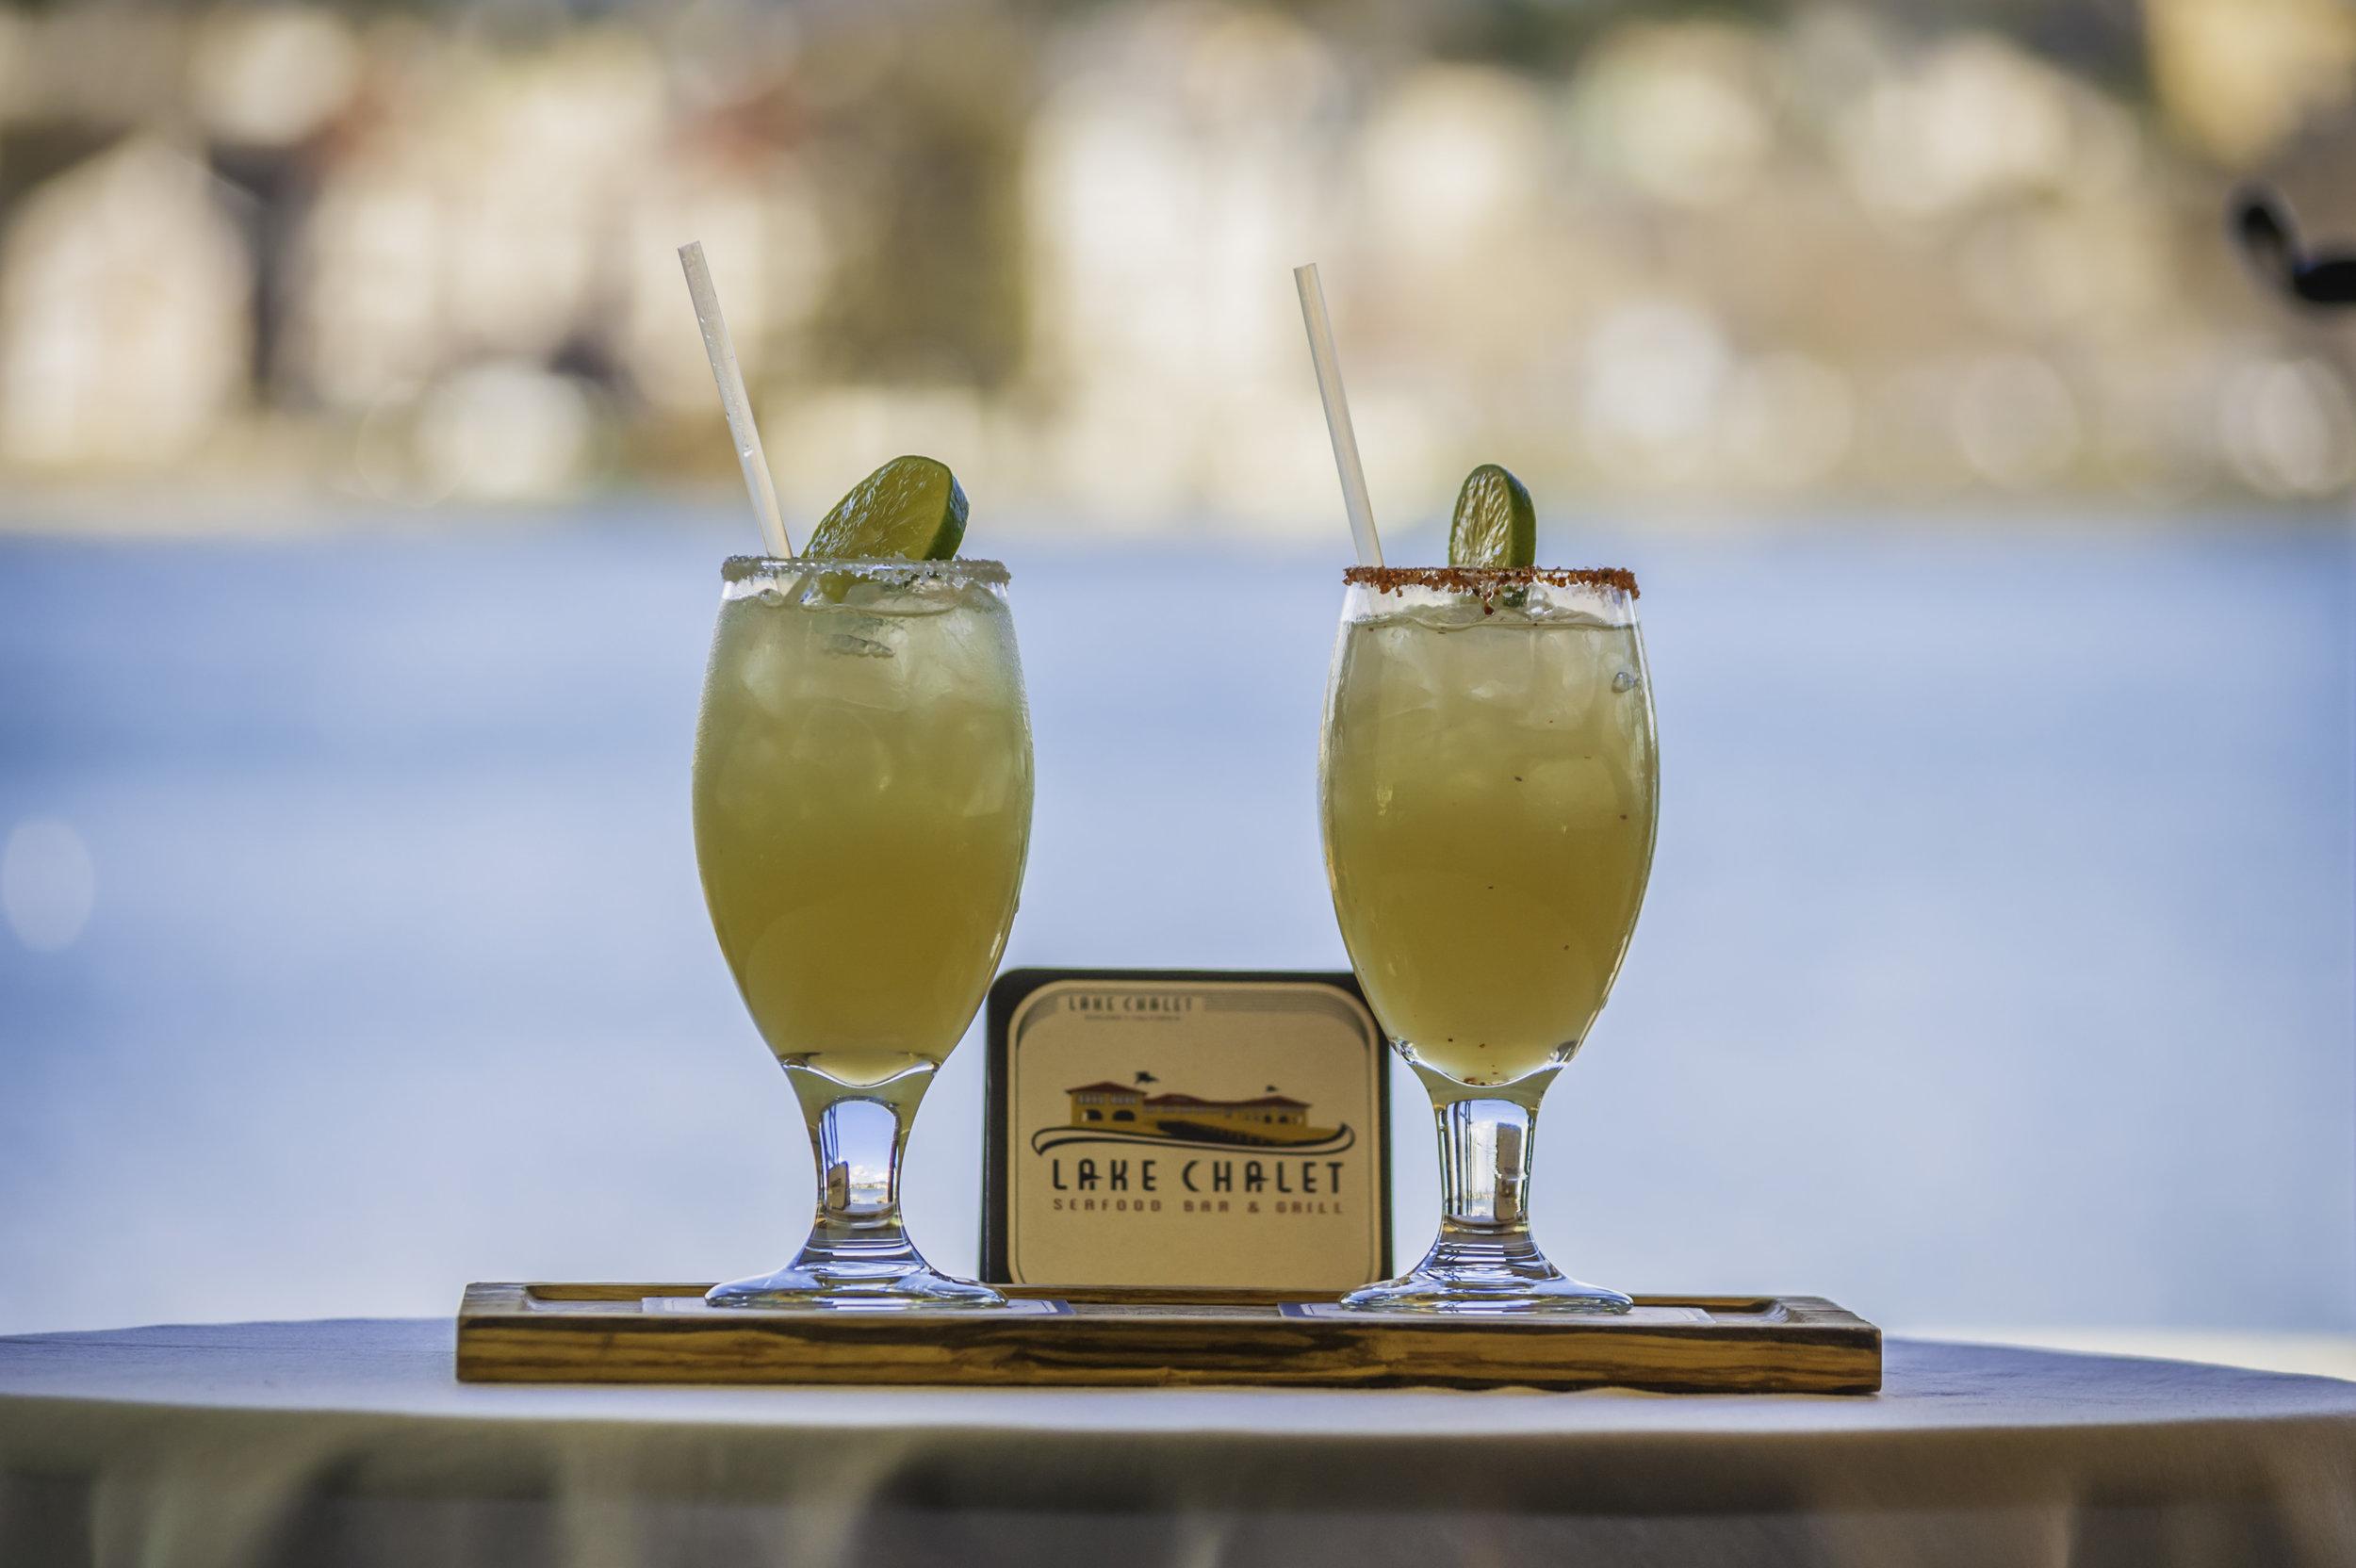 Chalet Cocktails